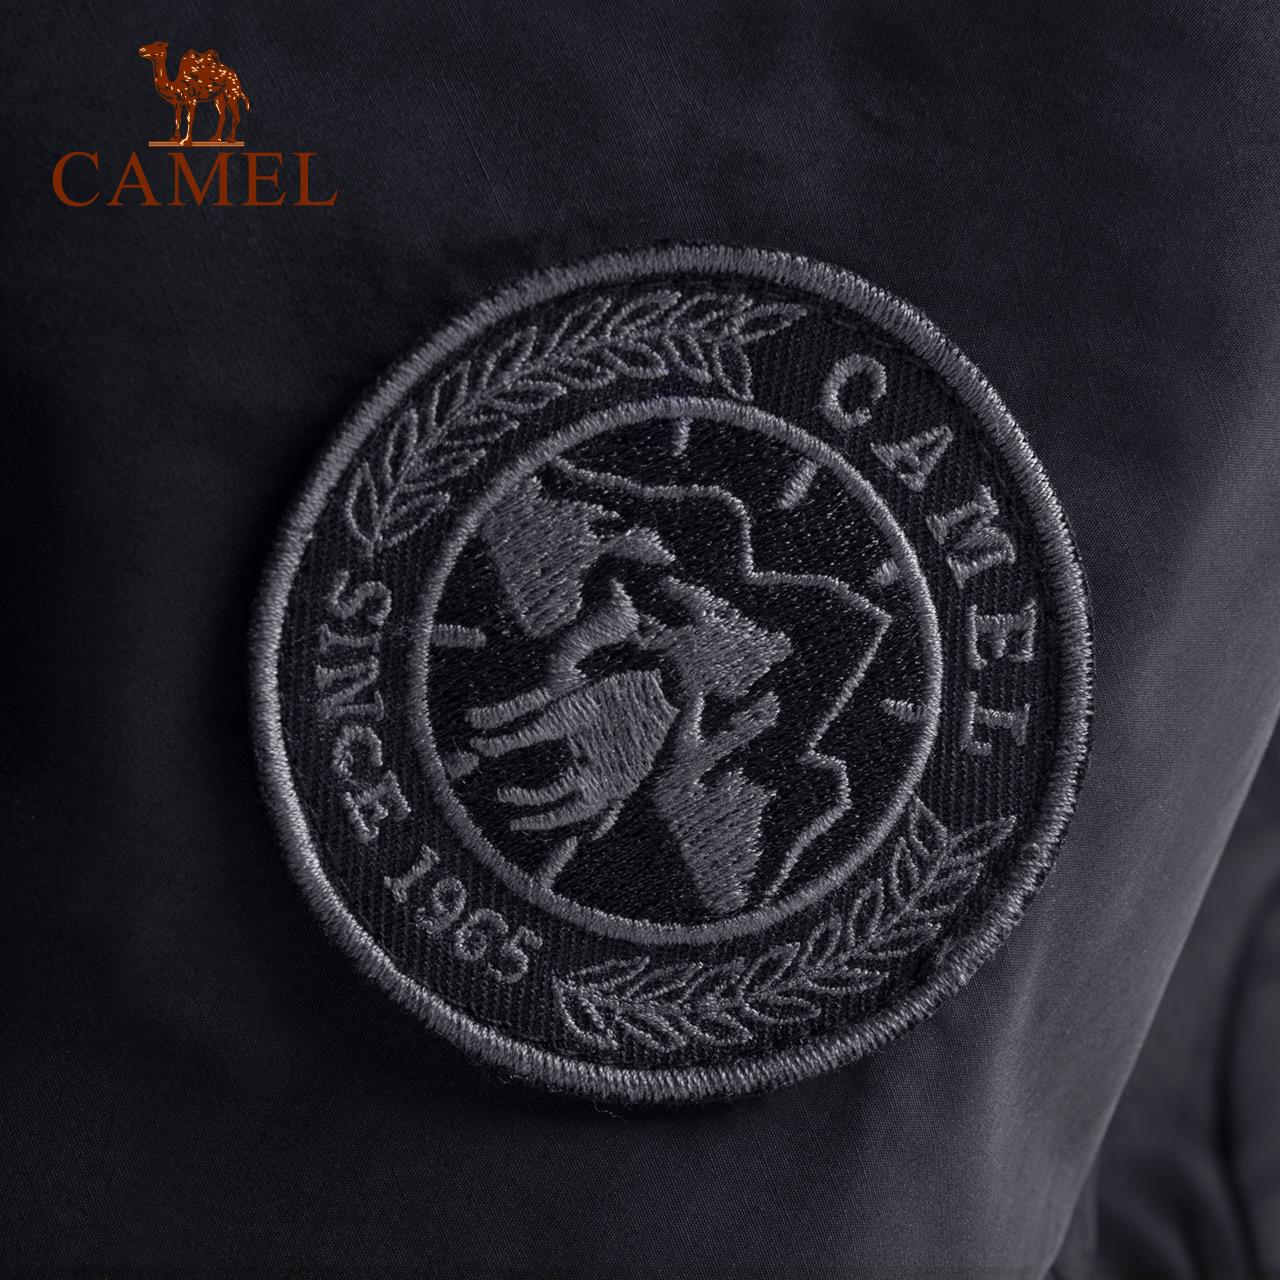 CAMEL/骆驼户外休闲衣男 防泼水防风男款户外夹克简约保暖休闲服